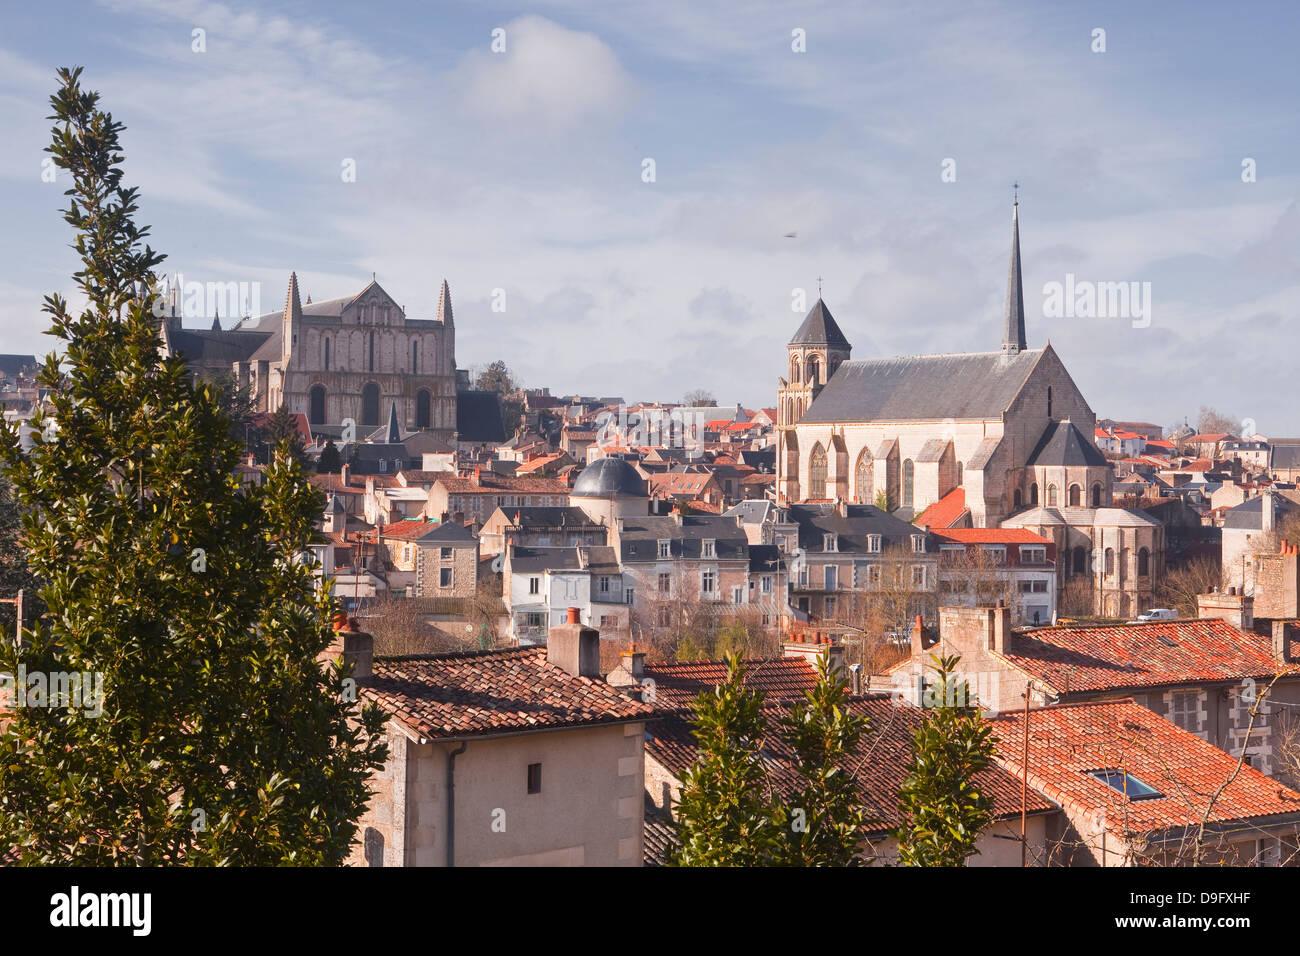 La ville de Poitiers avec la cathédrale de Saint Pierre au sommet de la colline, Poitiers, Vienne, Poitou-Charentes, Photo Stock